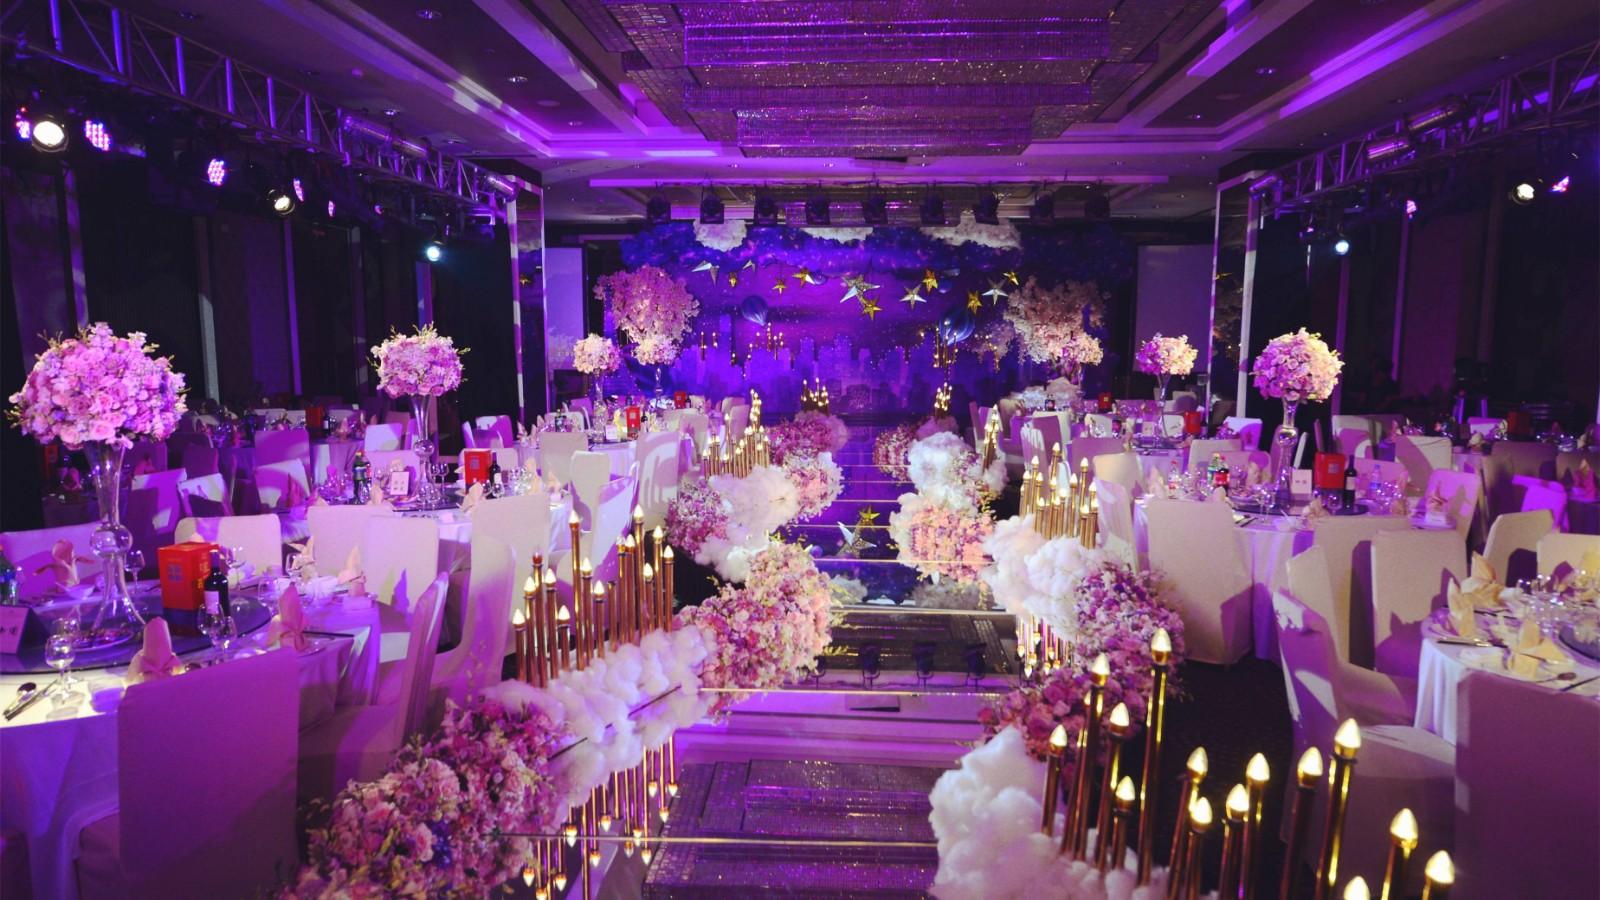 为了漂亮婚礼明知男方家没钱也要逼着花,还说人家娶媳妇都这样!